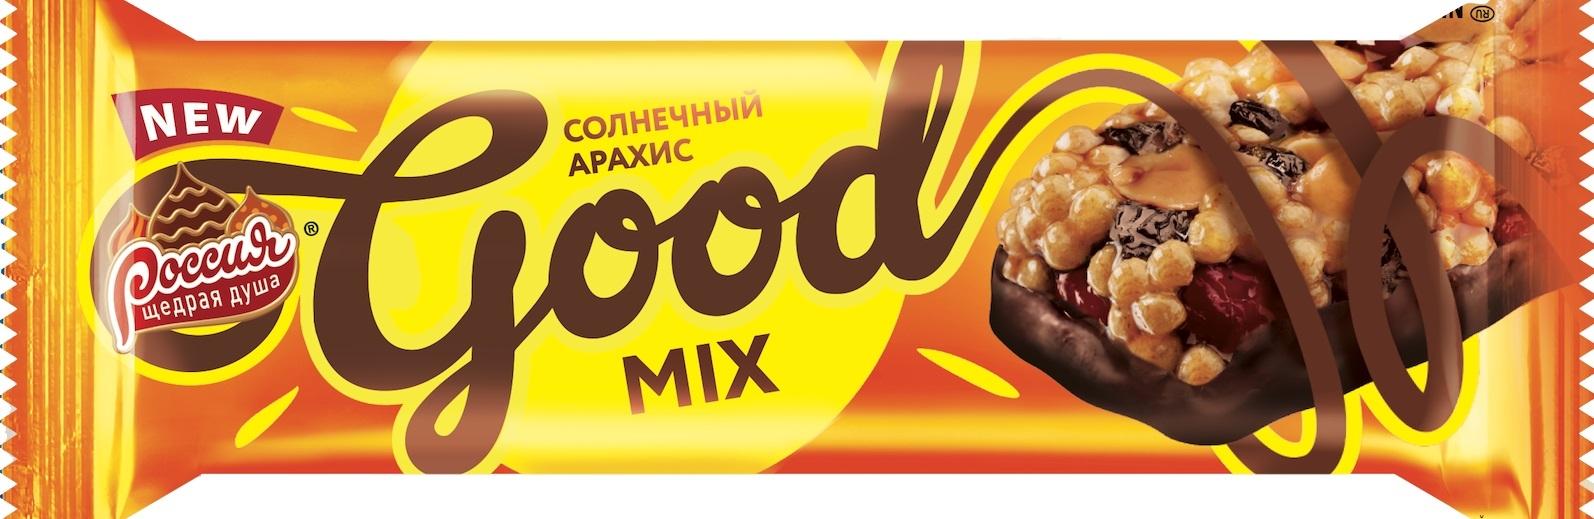 Десерты Россия Щедрая душа «Good Mix» с арахисом 33 г молочный шоколад россия щедрая душа золотая марка дуэт с арахисом 85 г